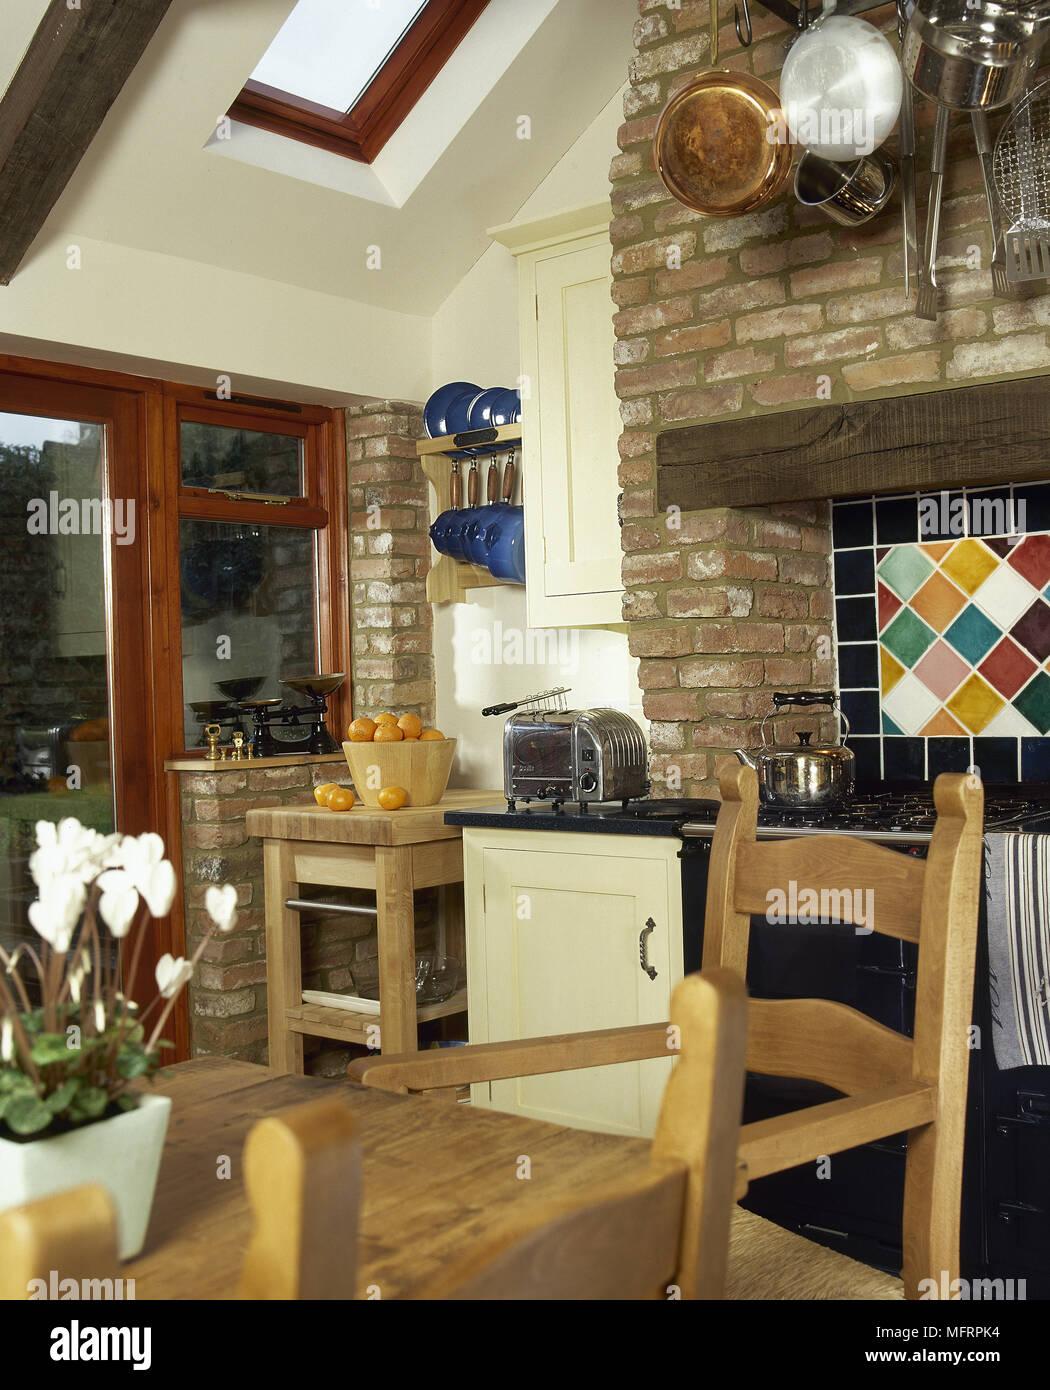 Moderno Estilo Rural Mesas De Cocina Del Reino Unido Elaboración ...